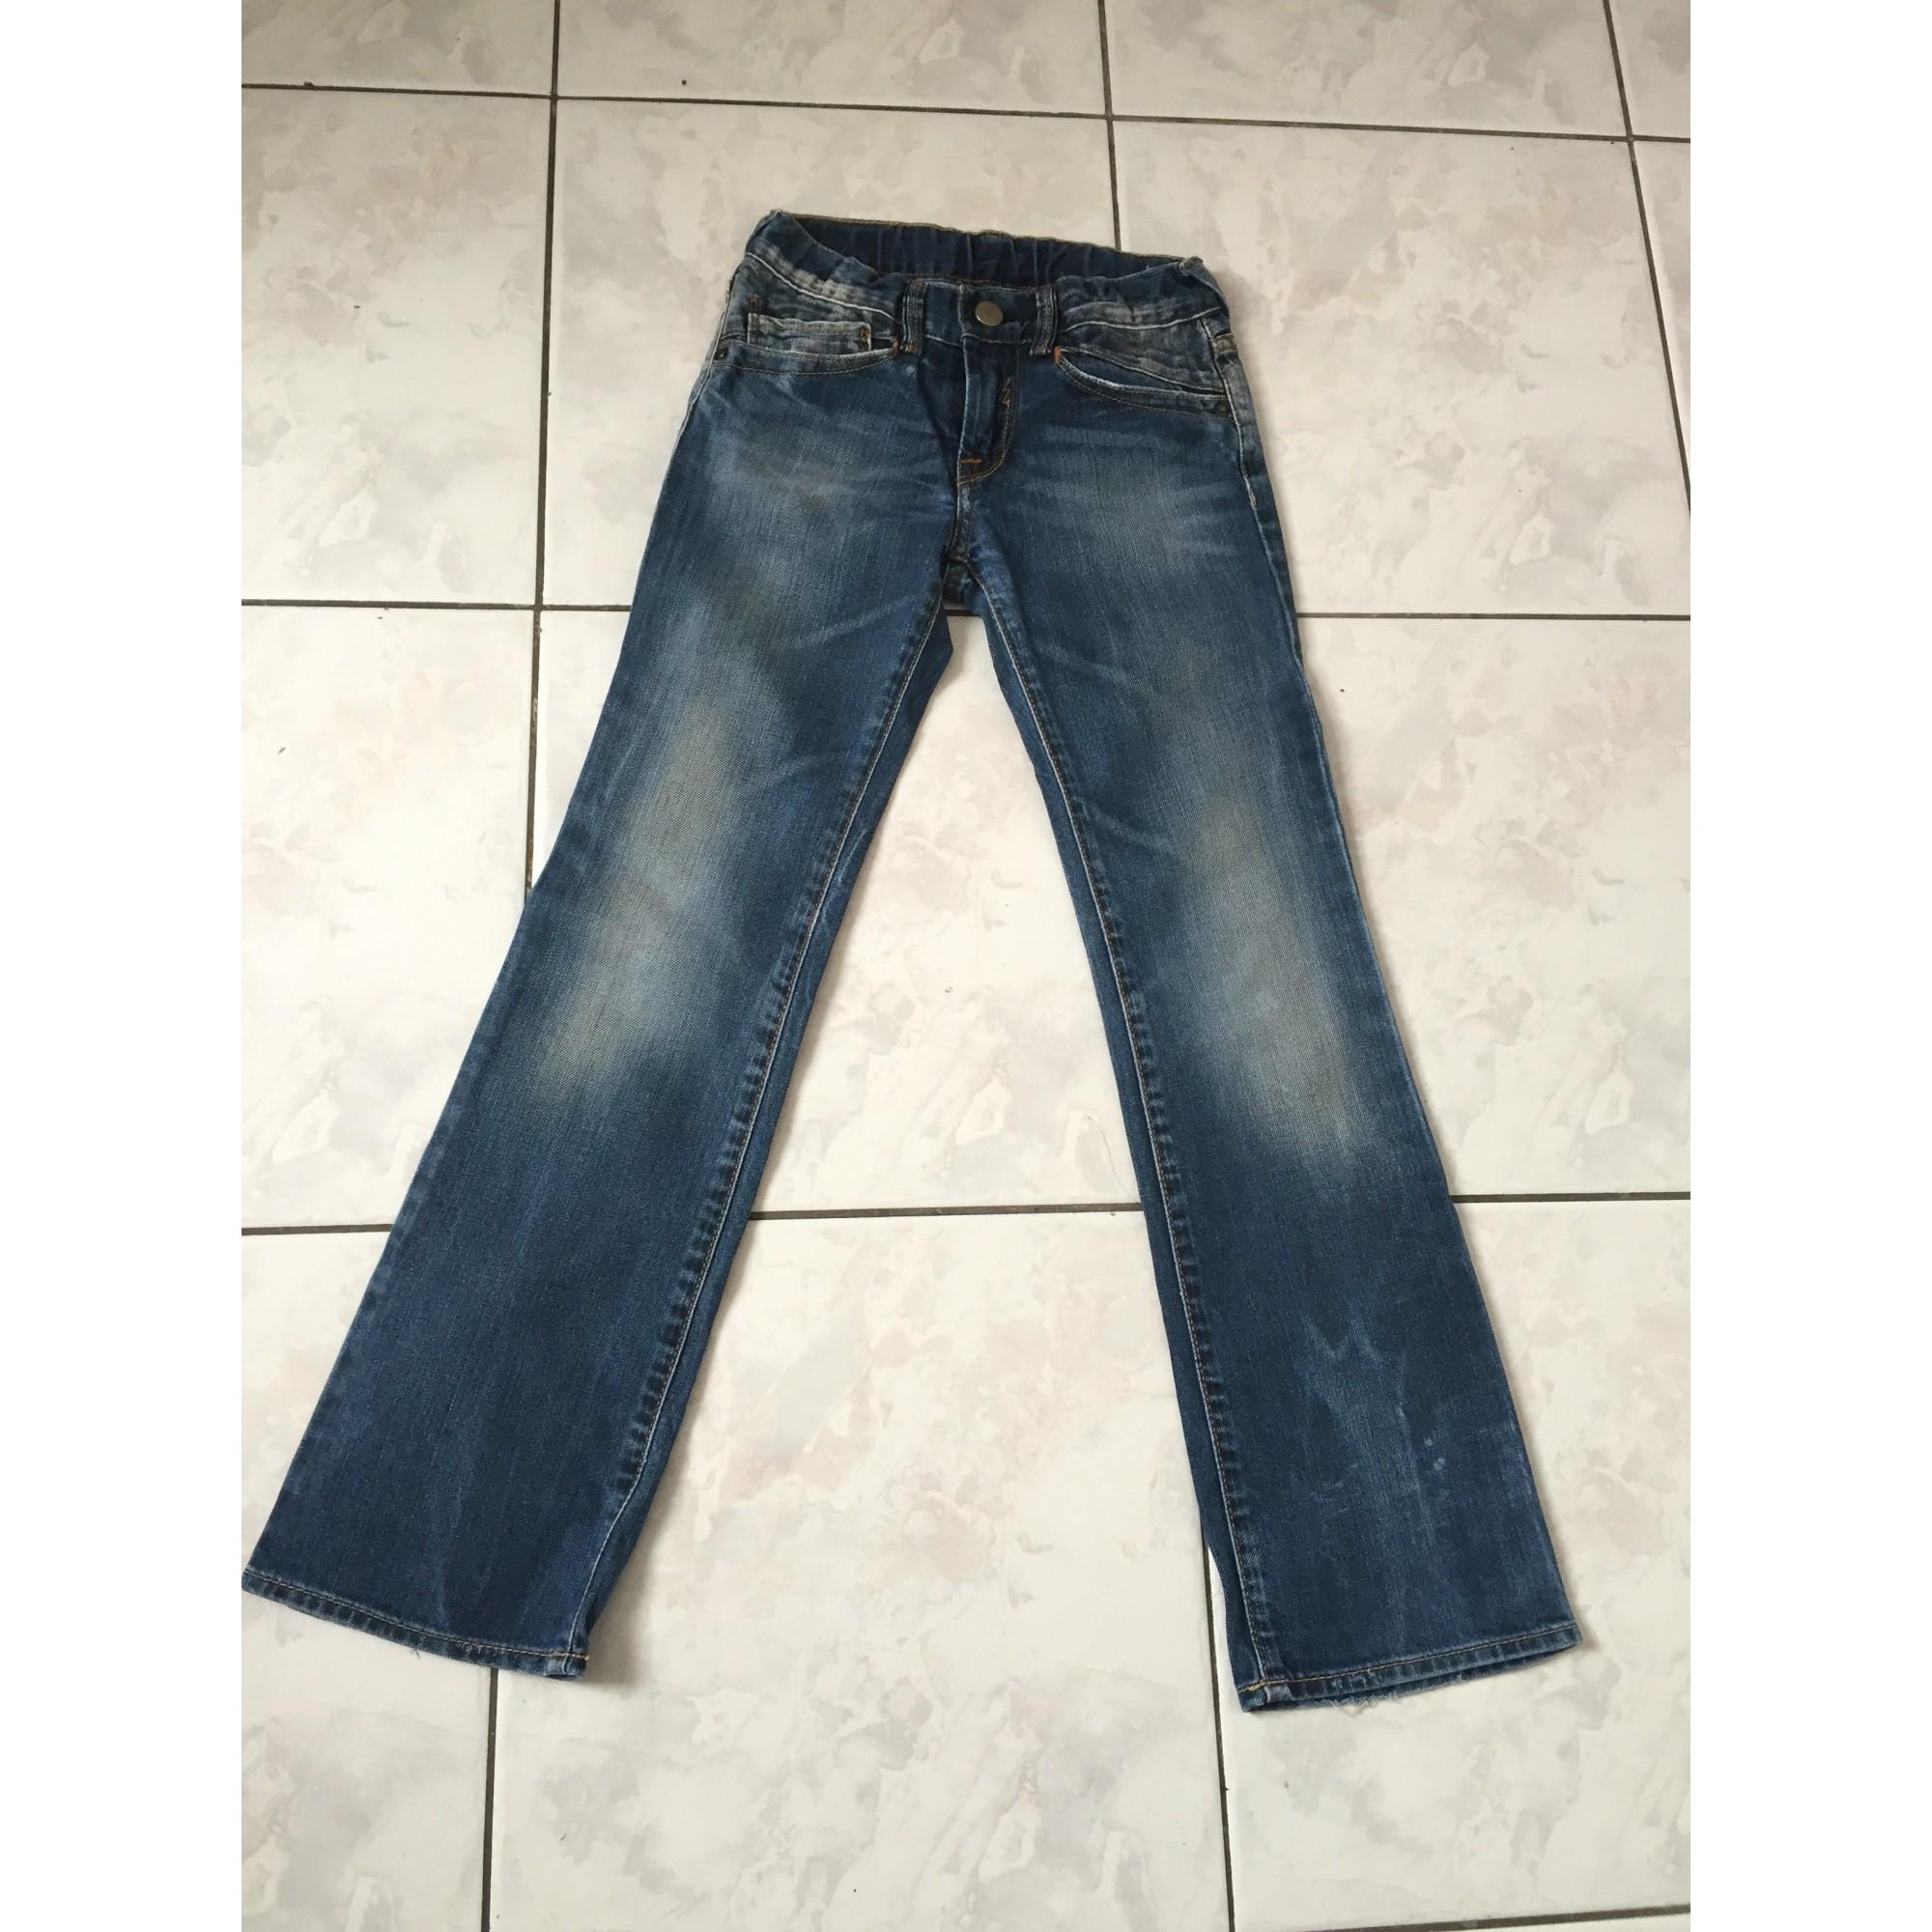 Jeans droit LE TEMPS DES CERISES coton bleu 7-8 ans